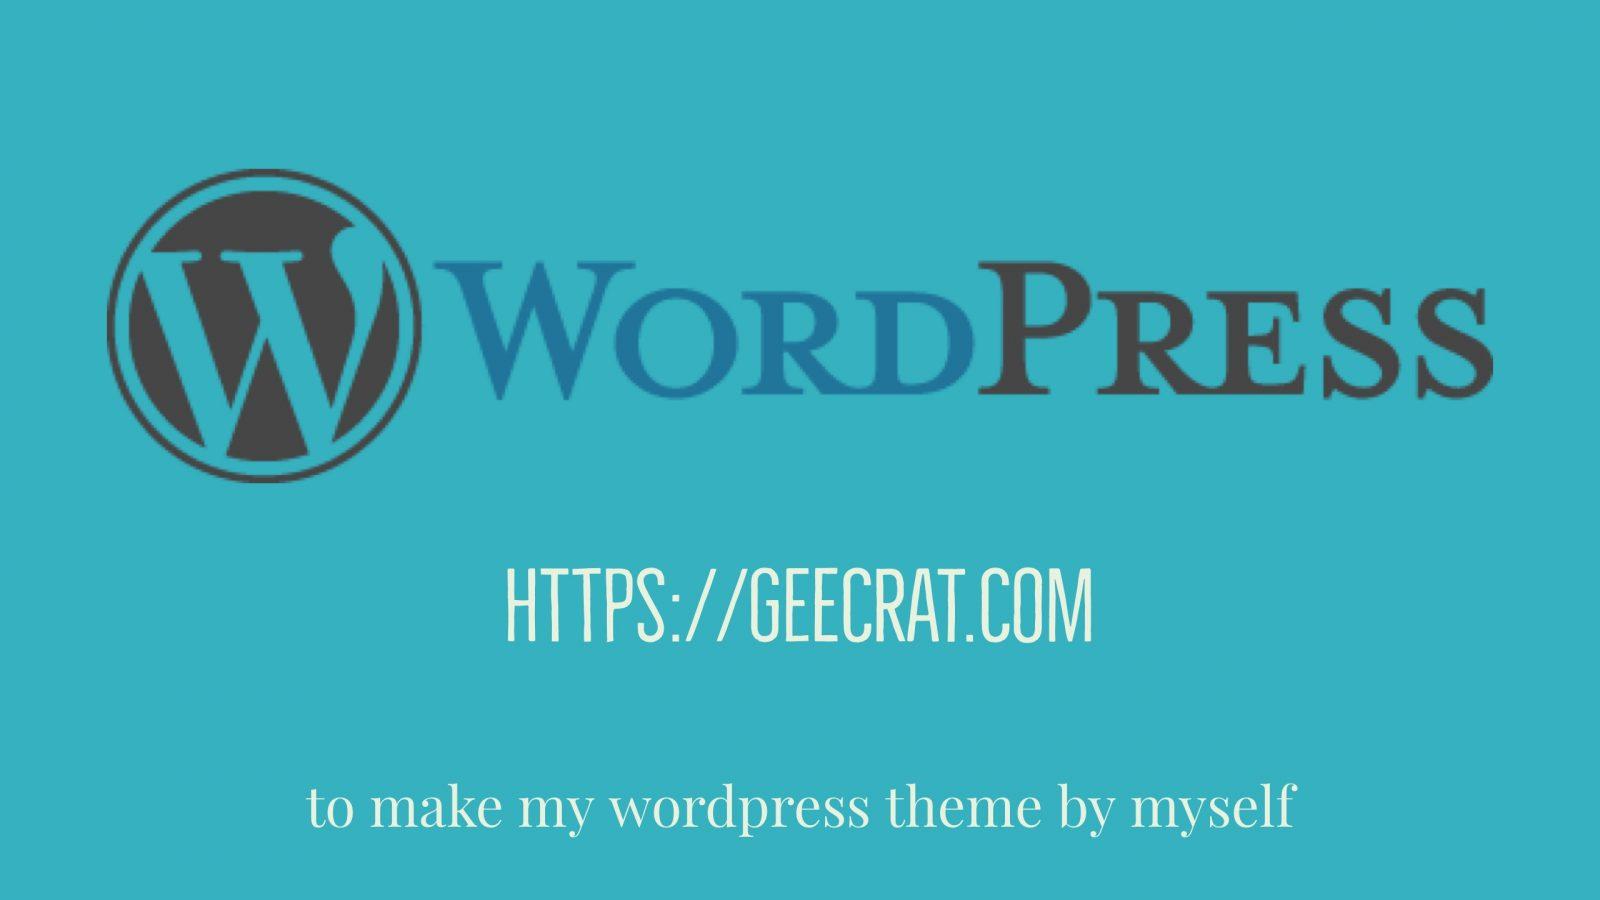 WordPressテーマ作成プロジェクト(2)進捗なしの裏事情